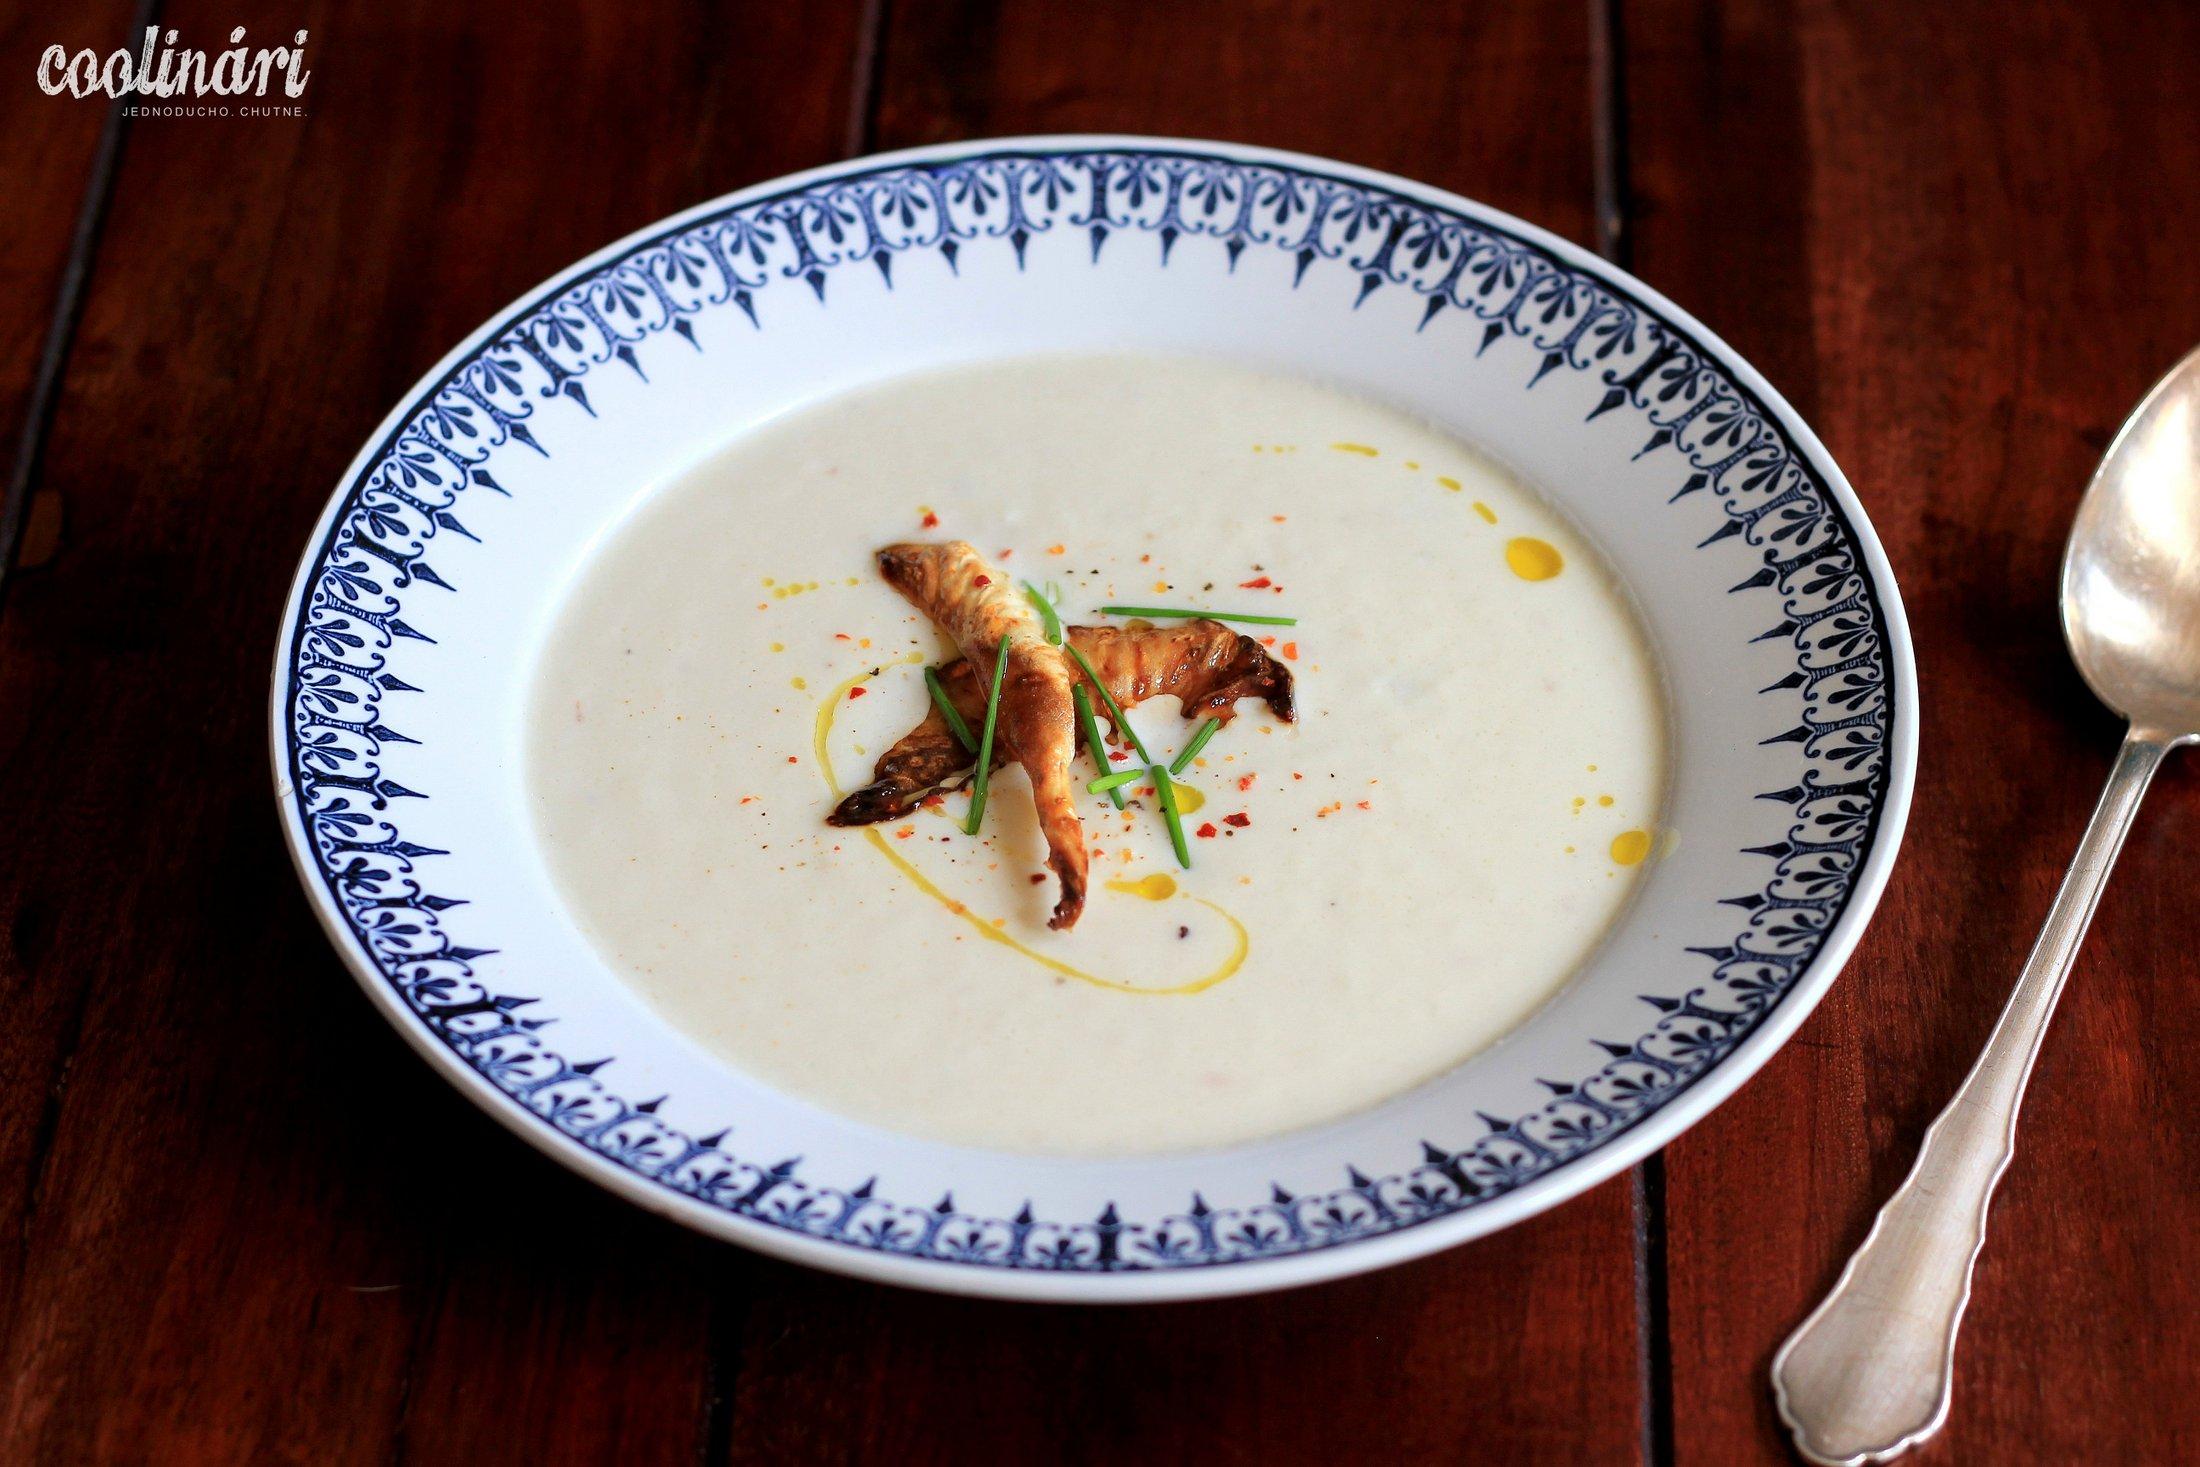 karfiolová vellutata, krémová polievka, recept